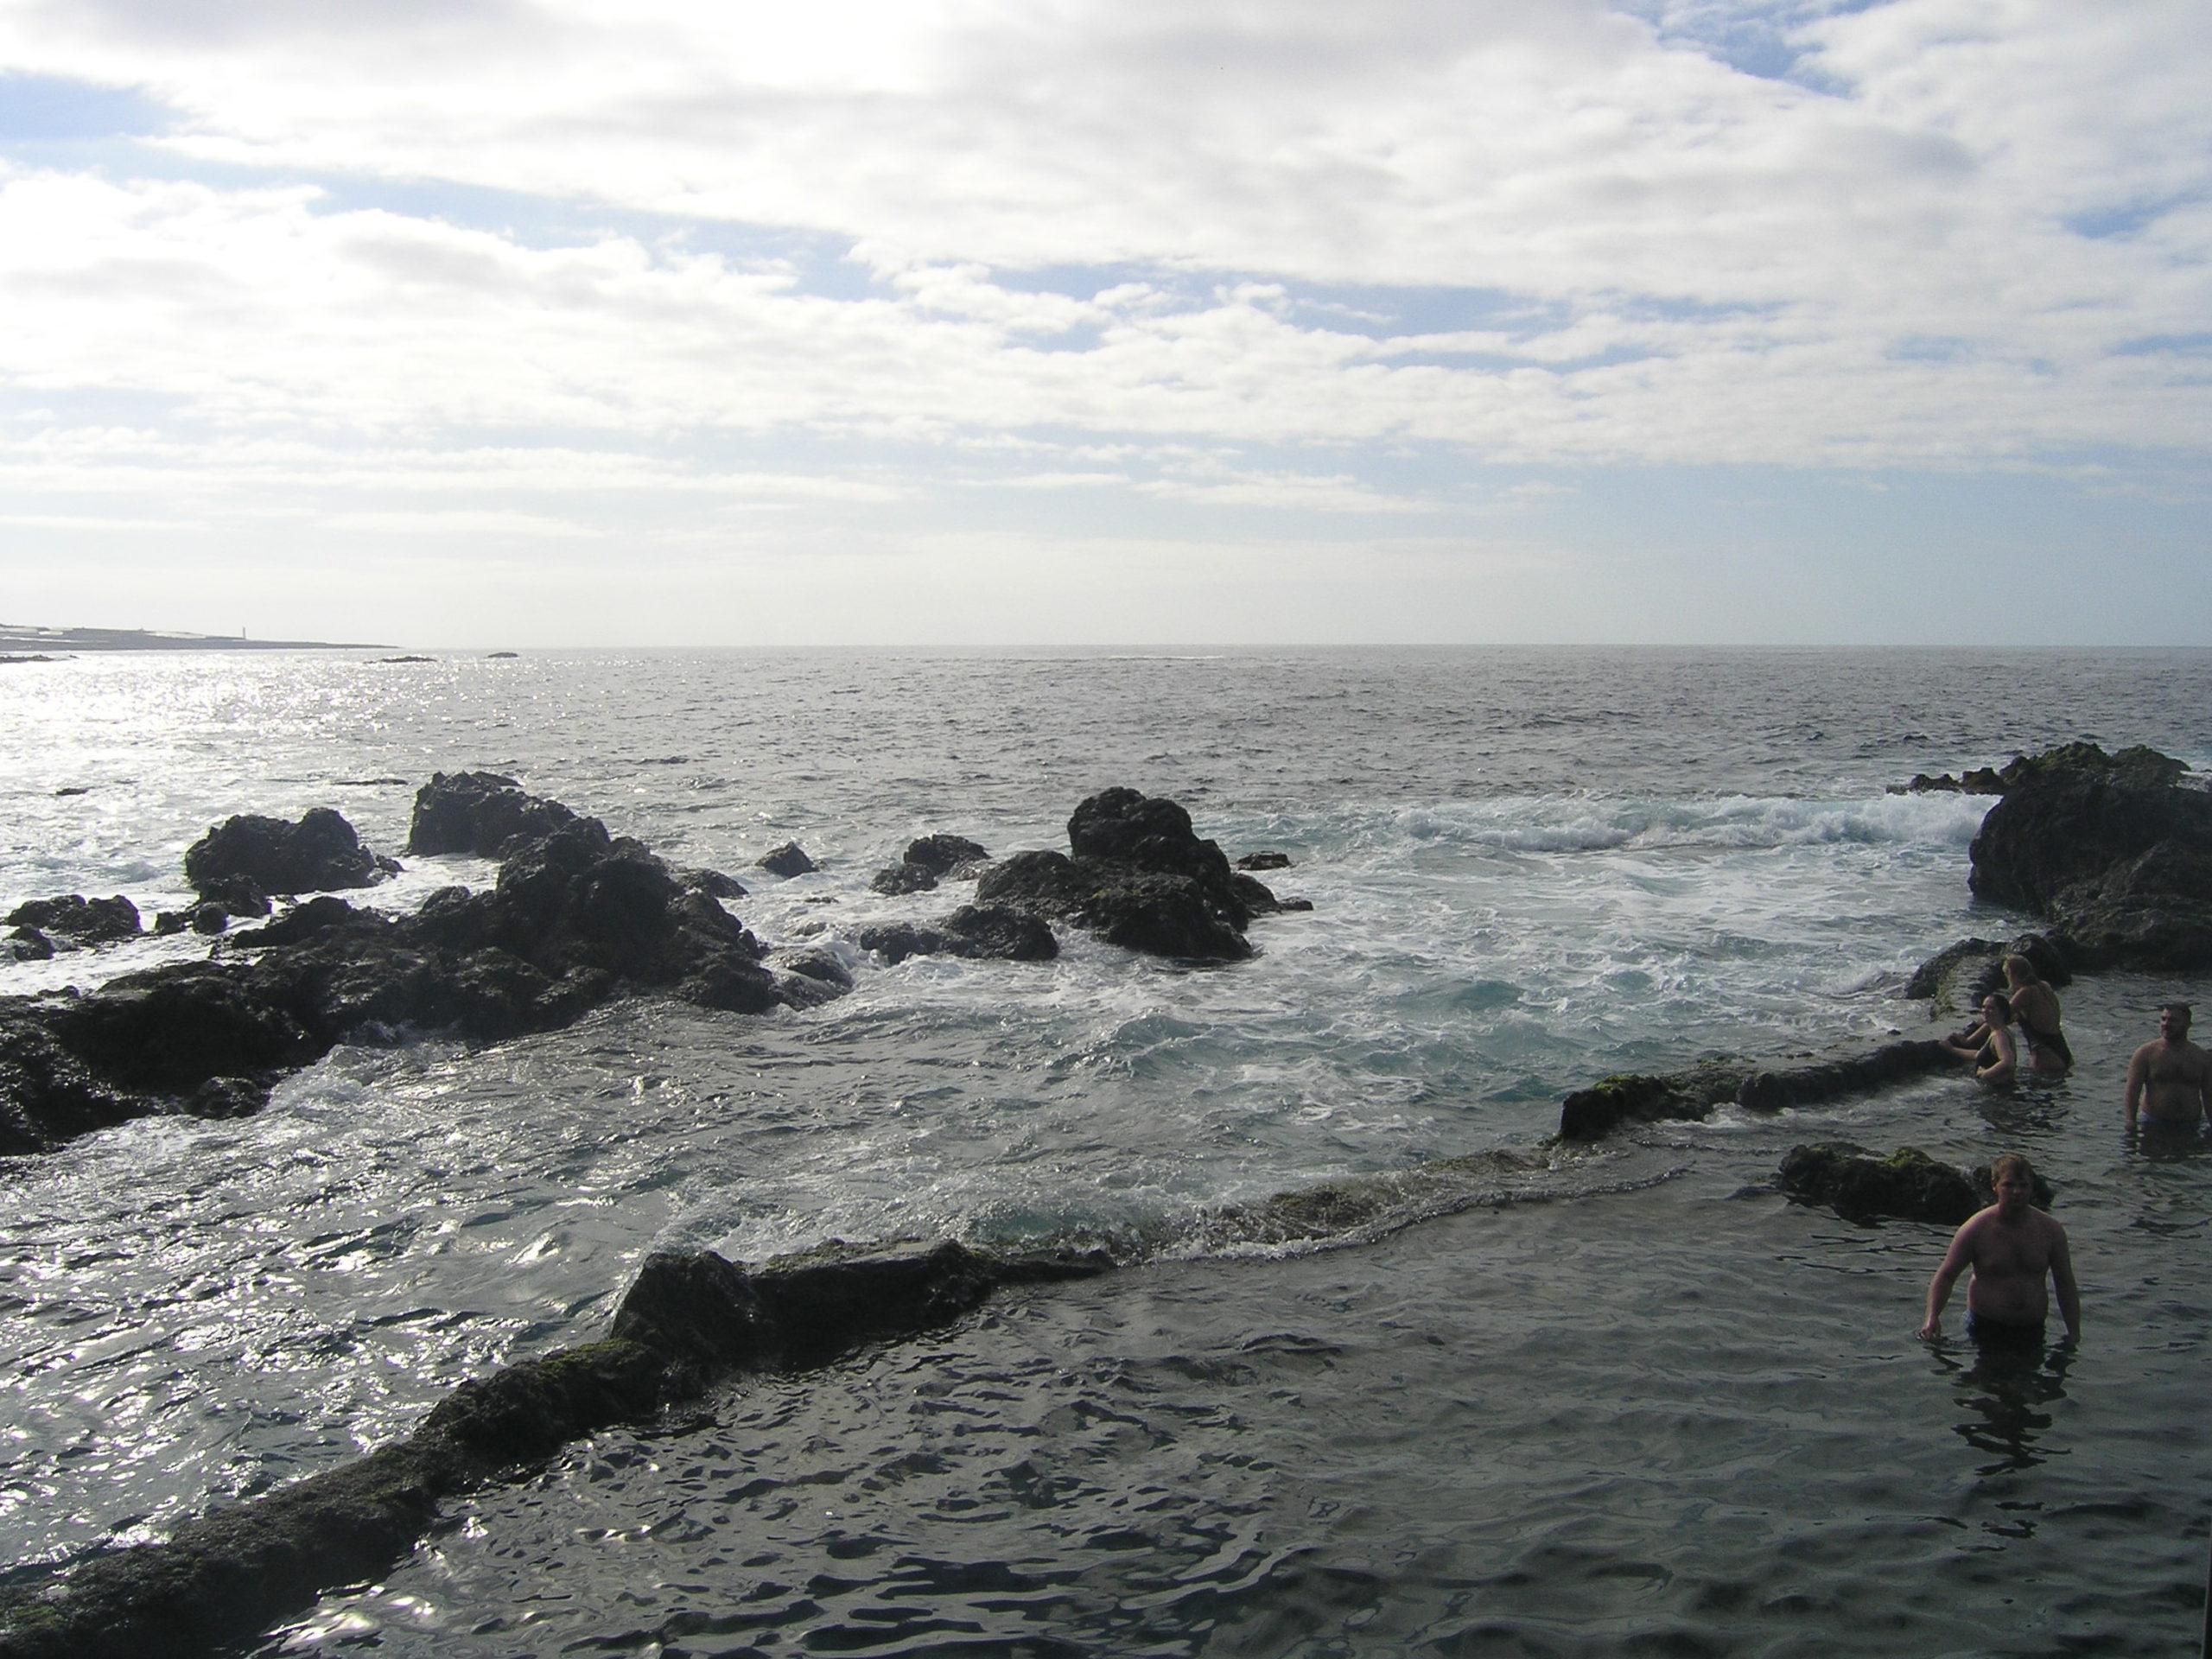 Kąpielisko na brzegu oceanu